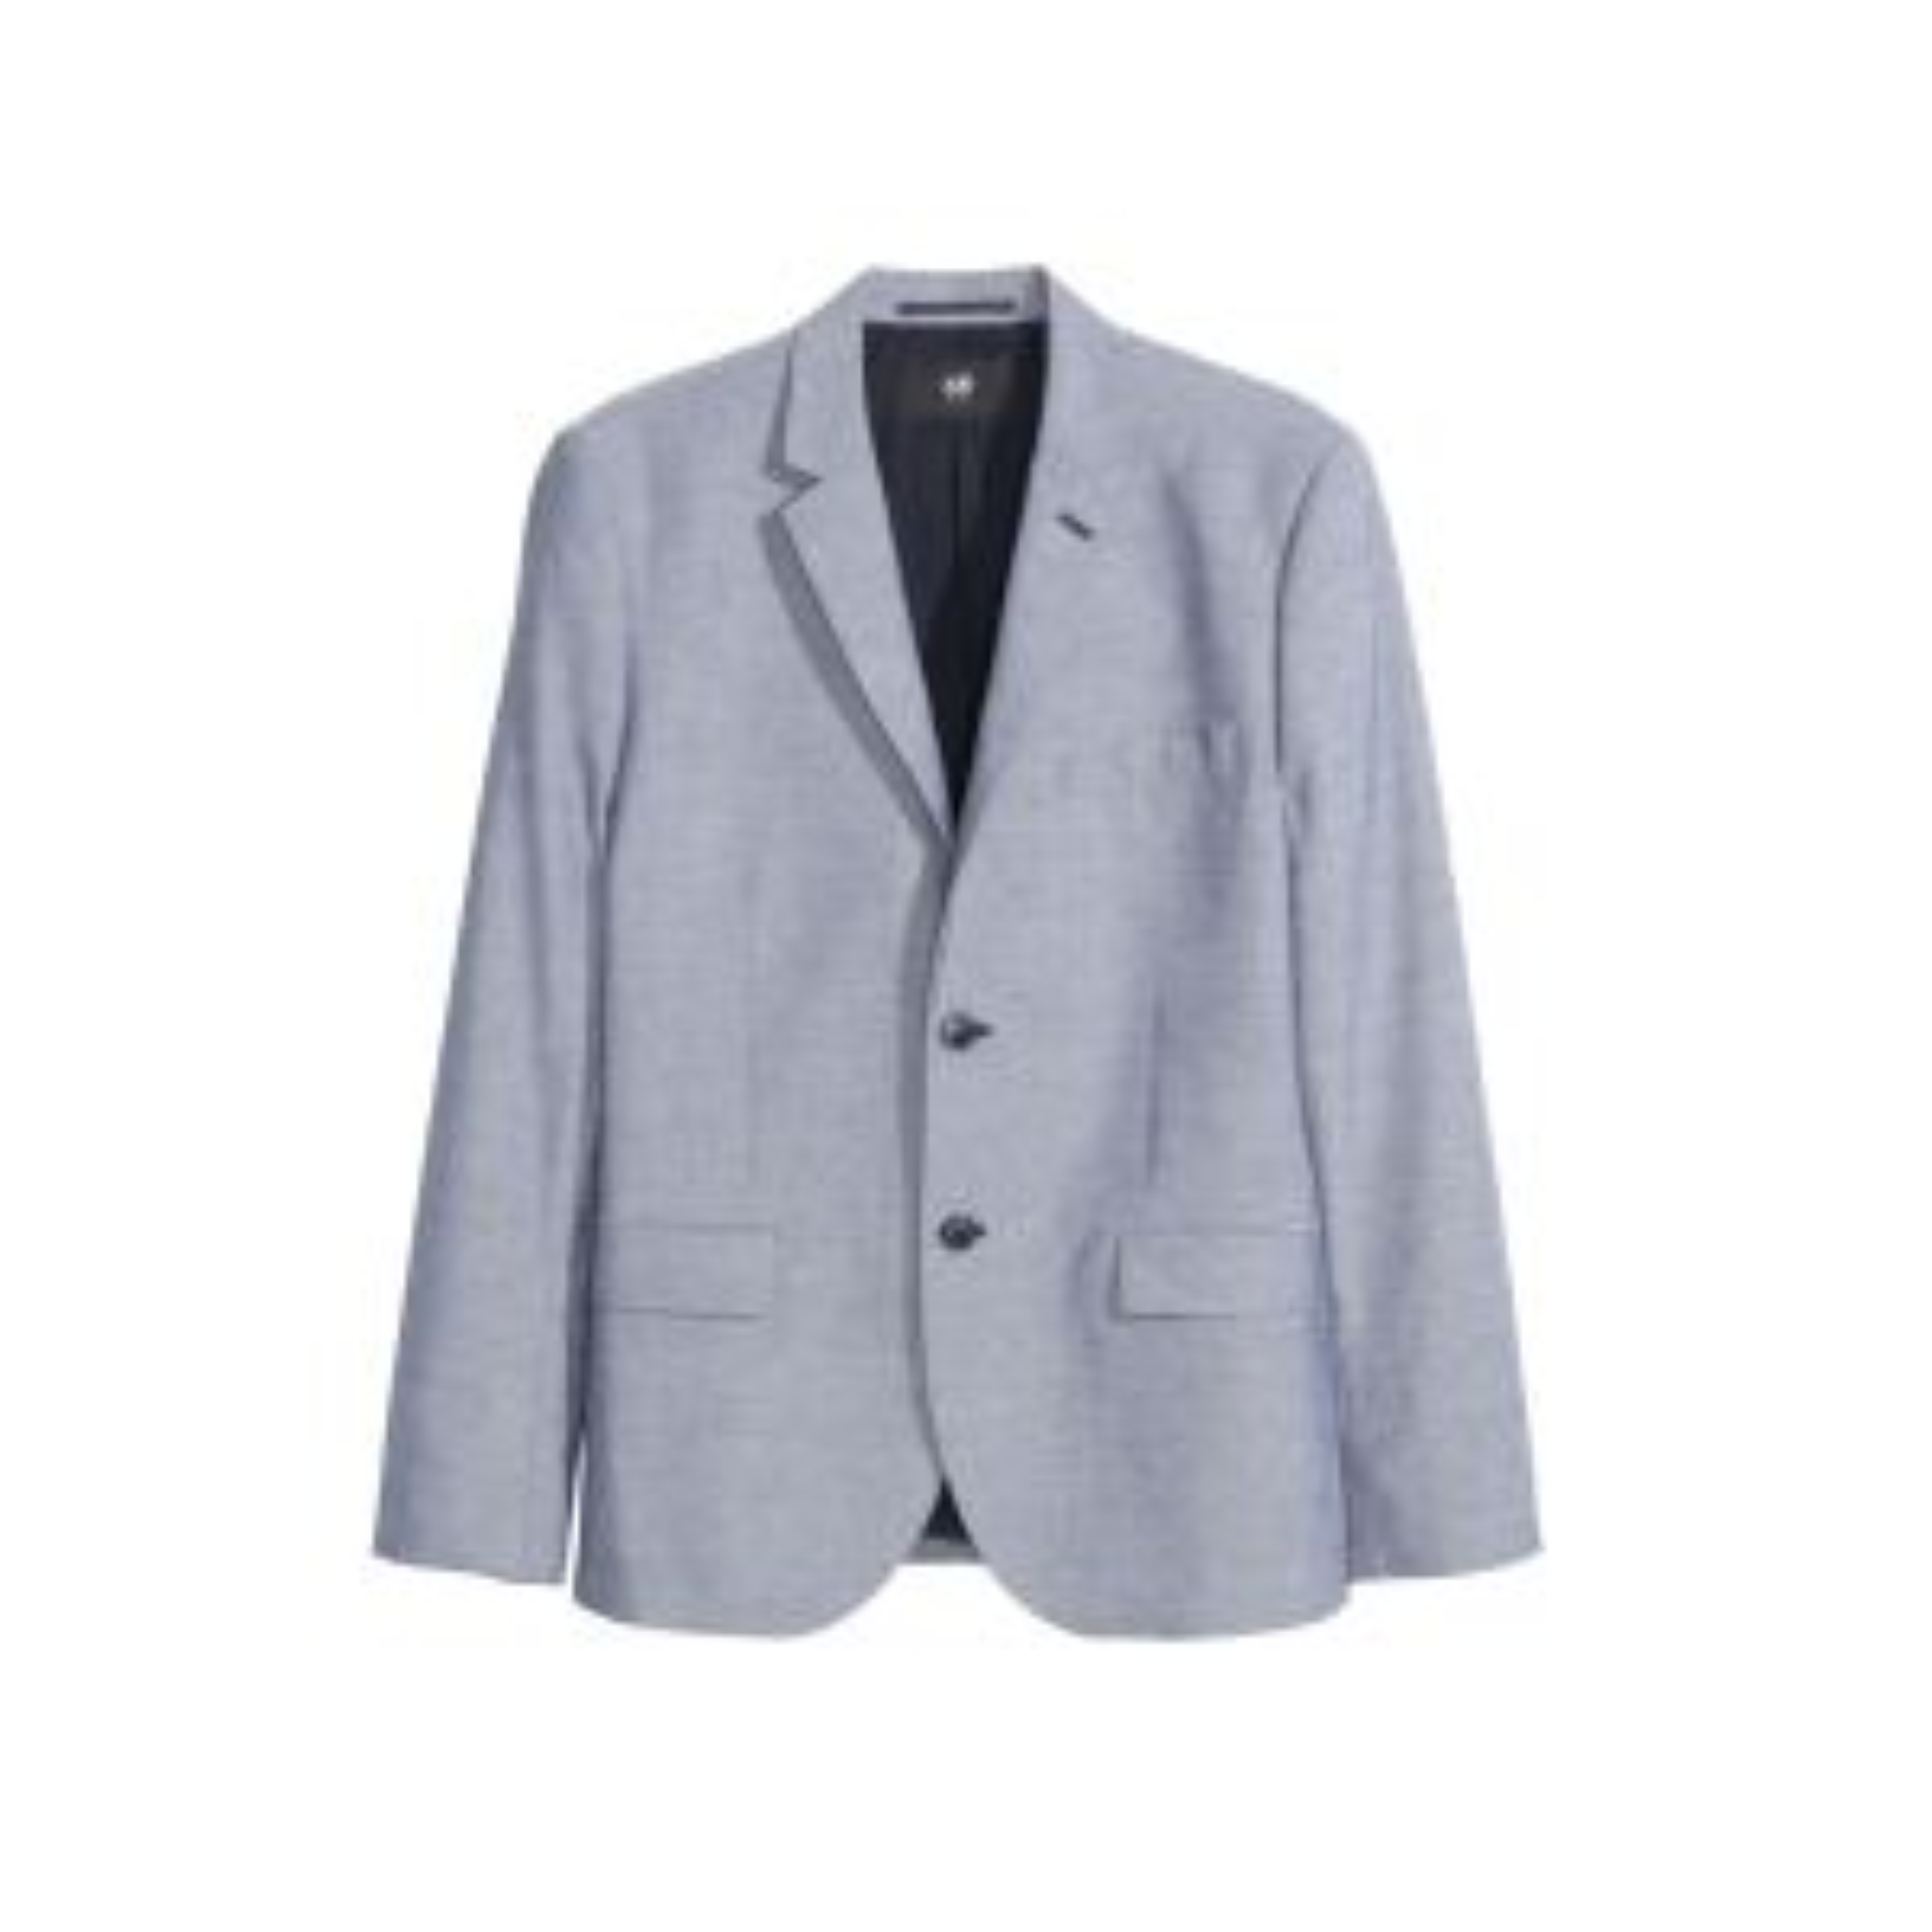 کت تک مردانه اچ اند ام مدل 00351